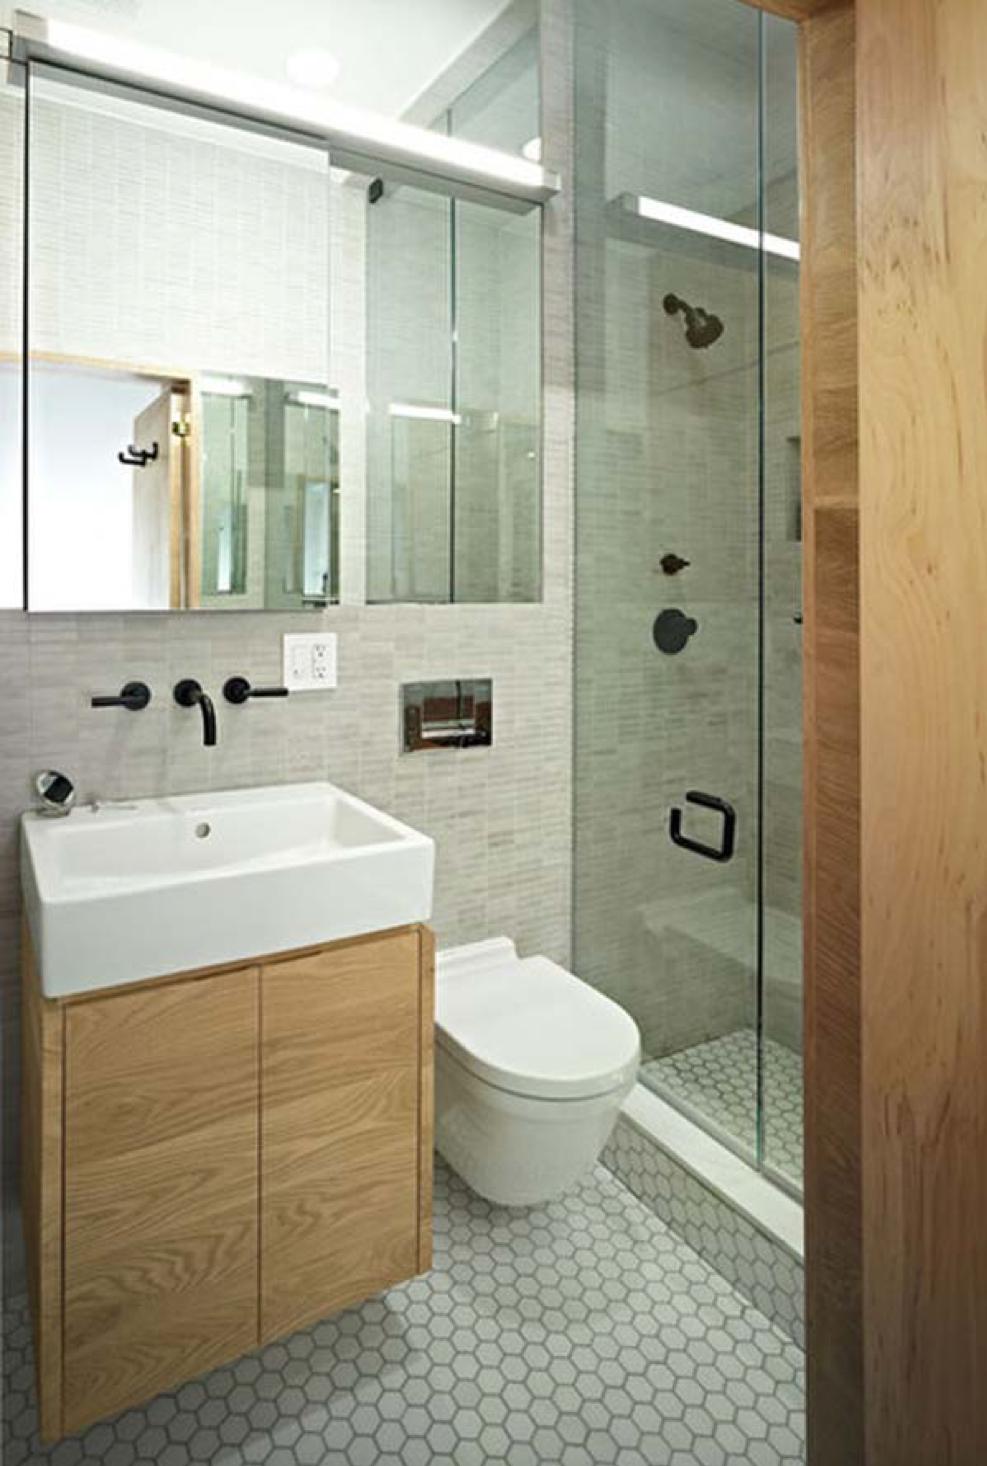 väike vannituba sisekujundus